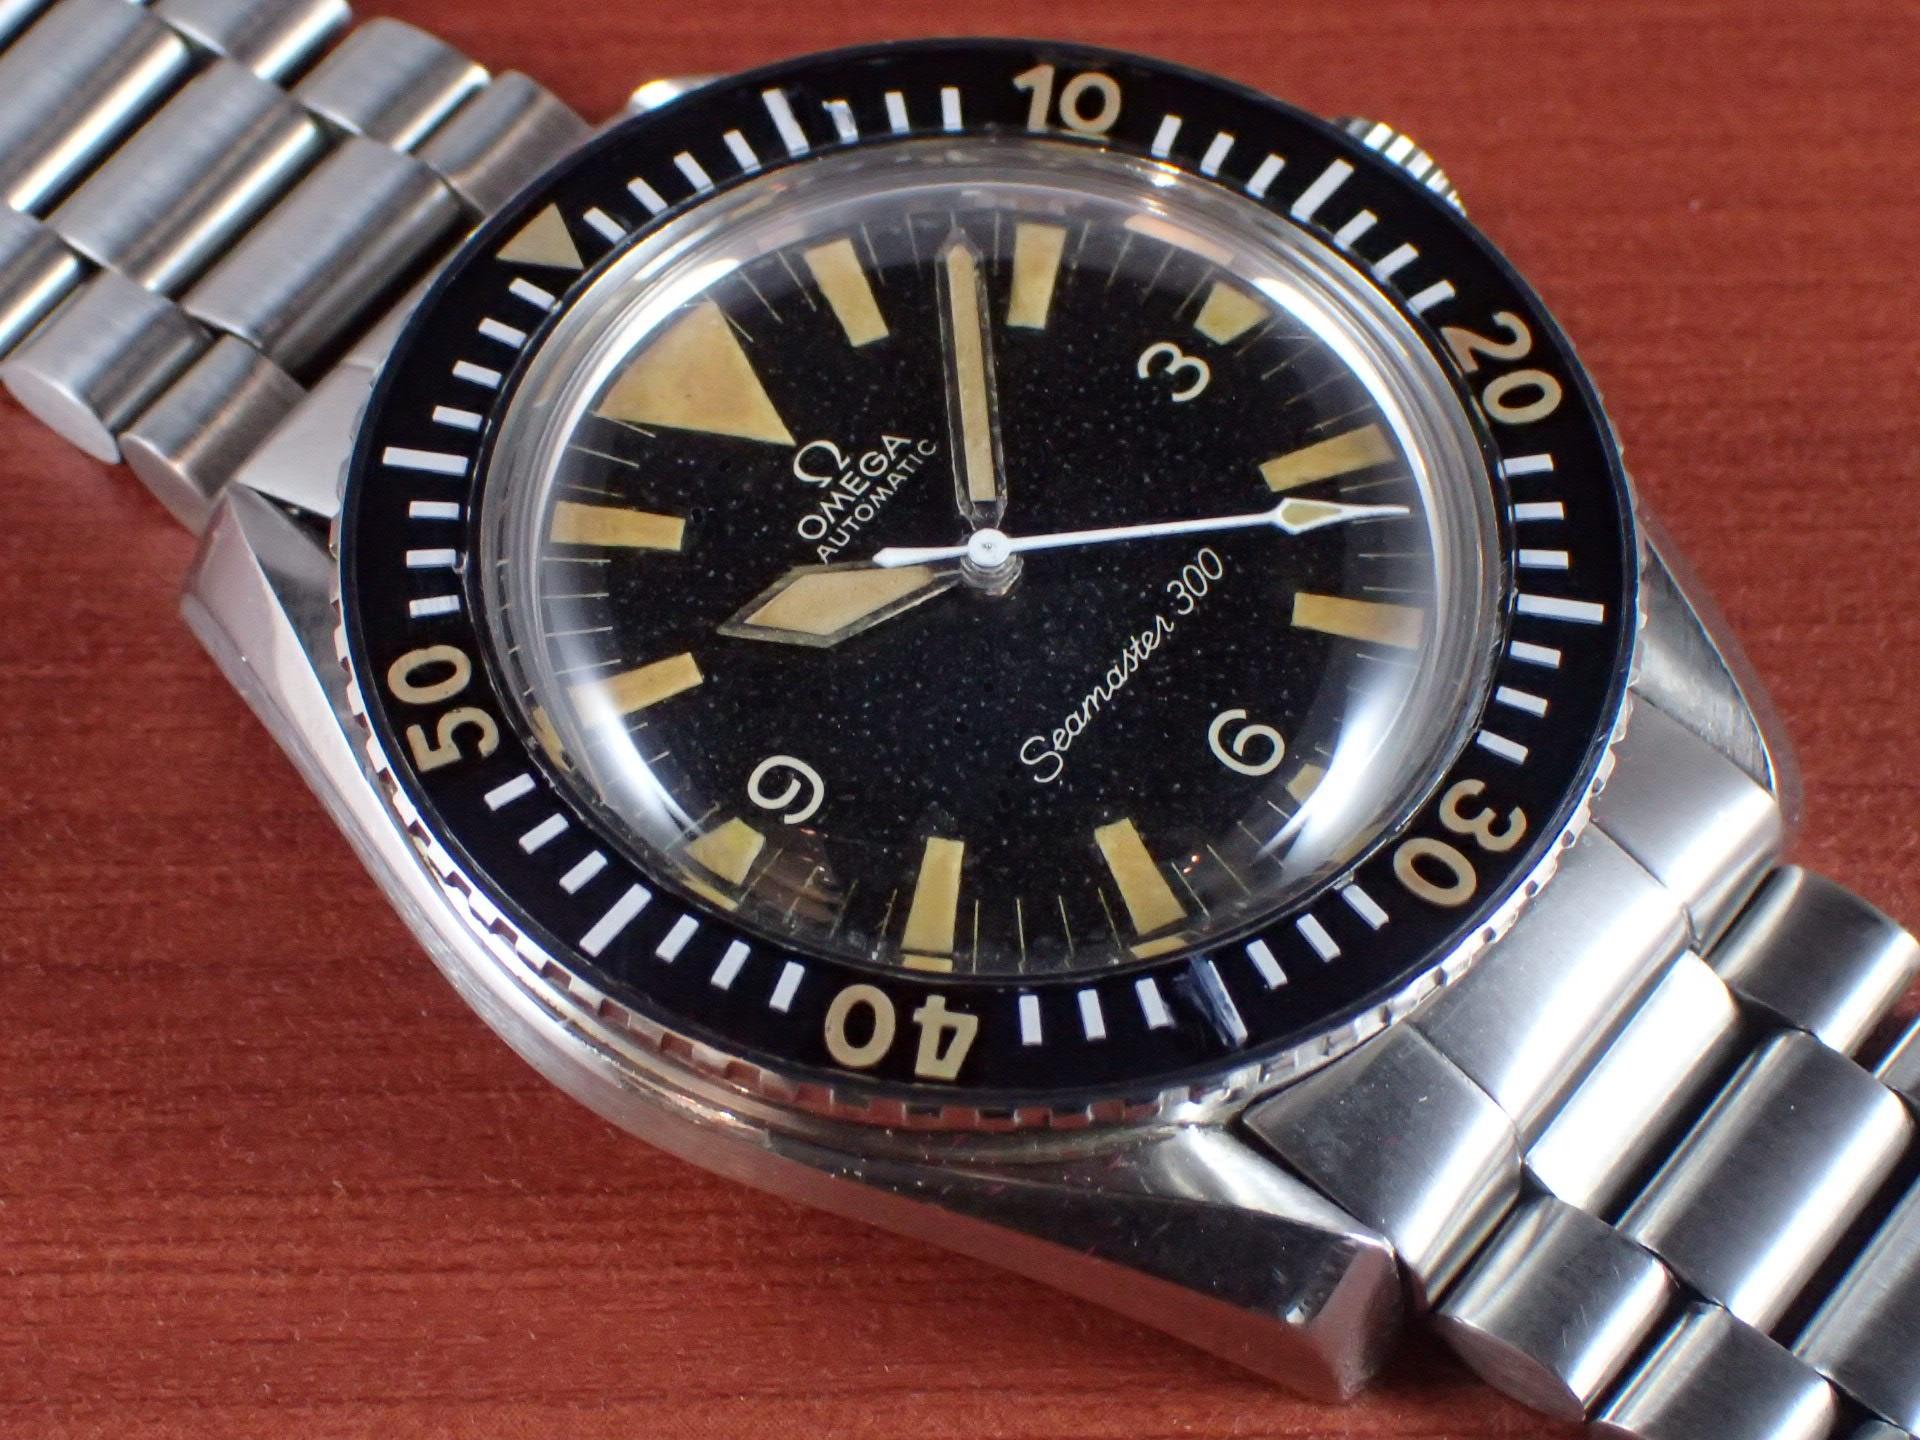 オメガ シーマスター300 ビッグトライアングル Ref.165.024 1960年代のメイン写真